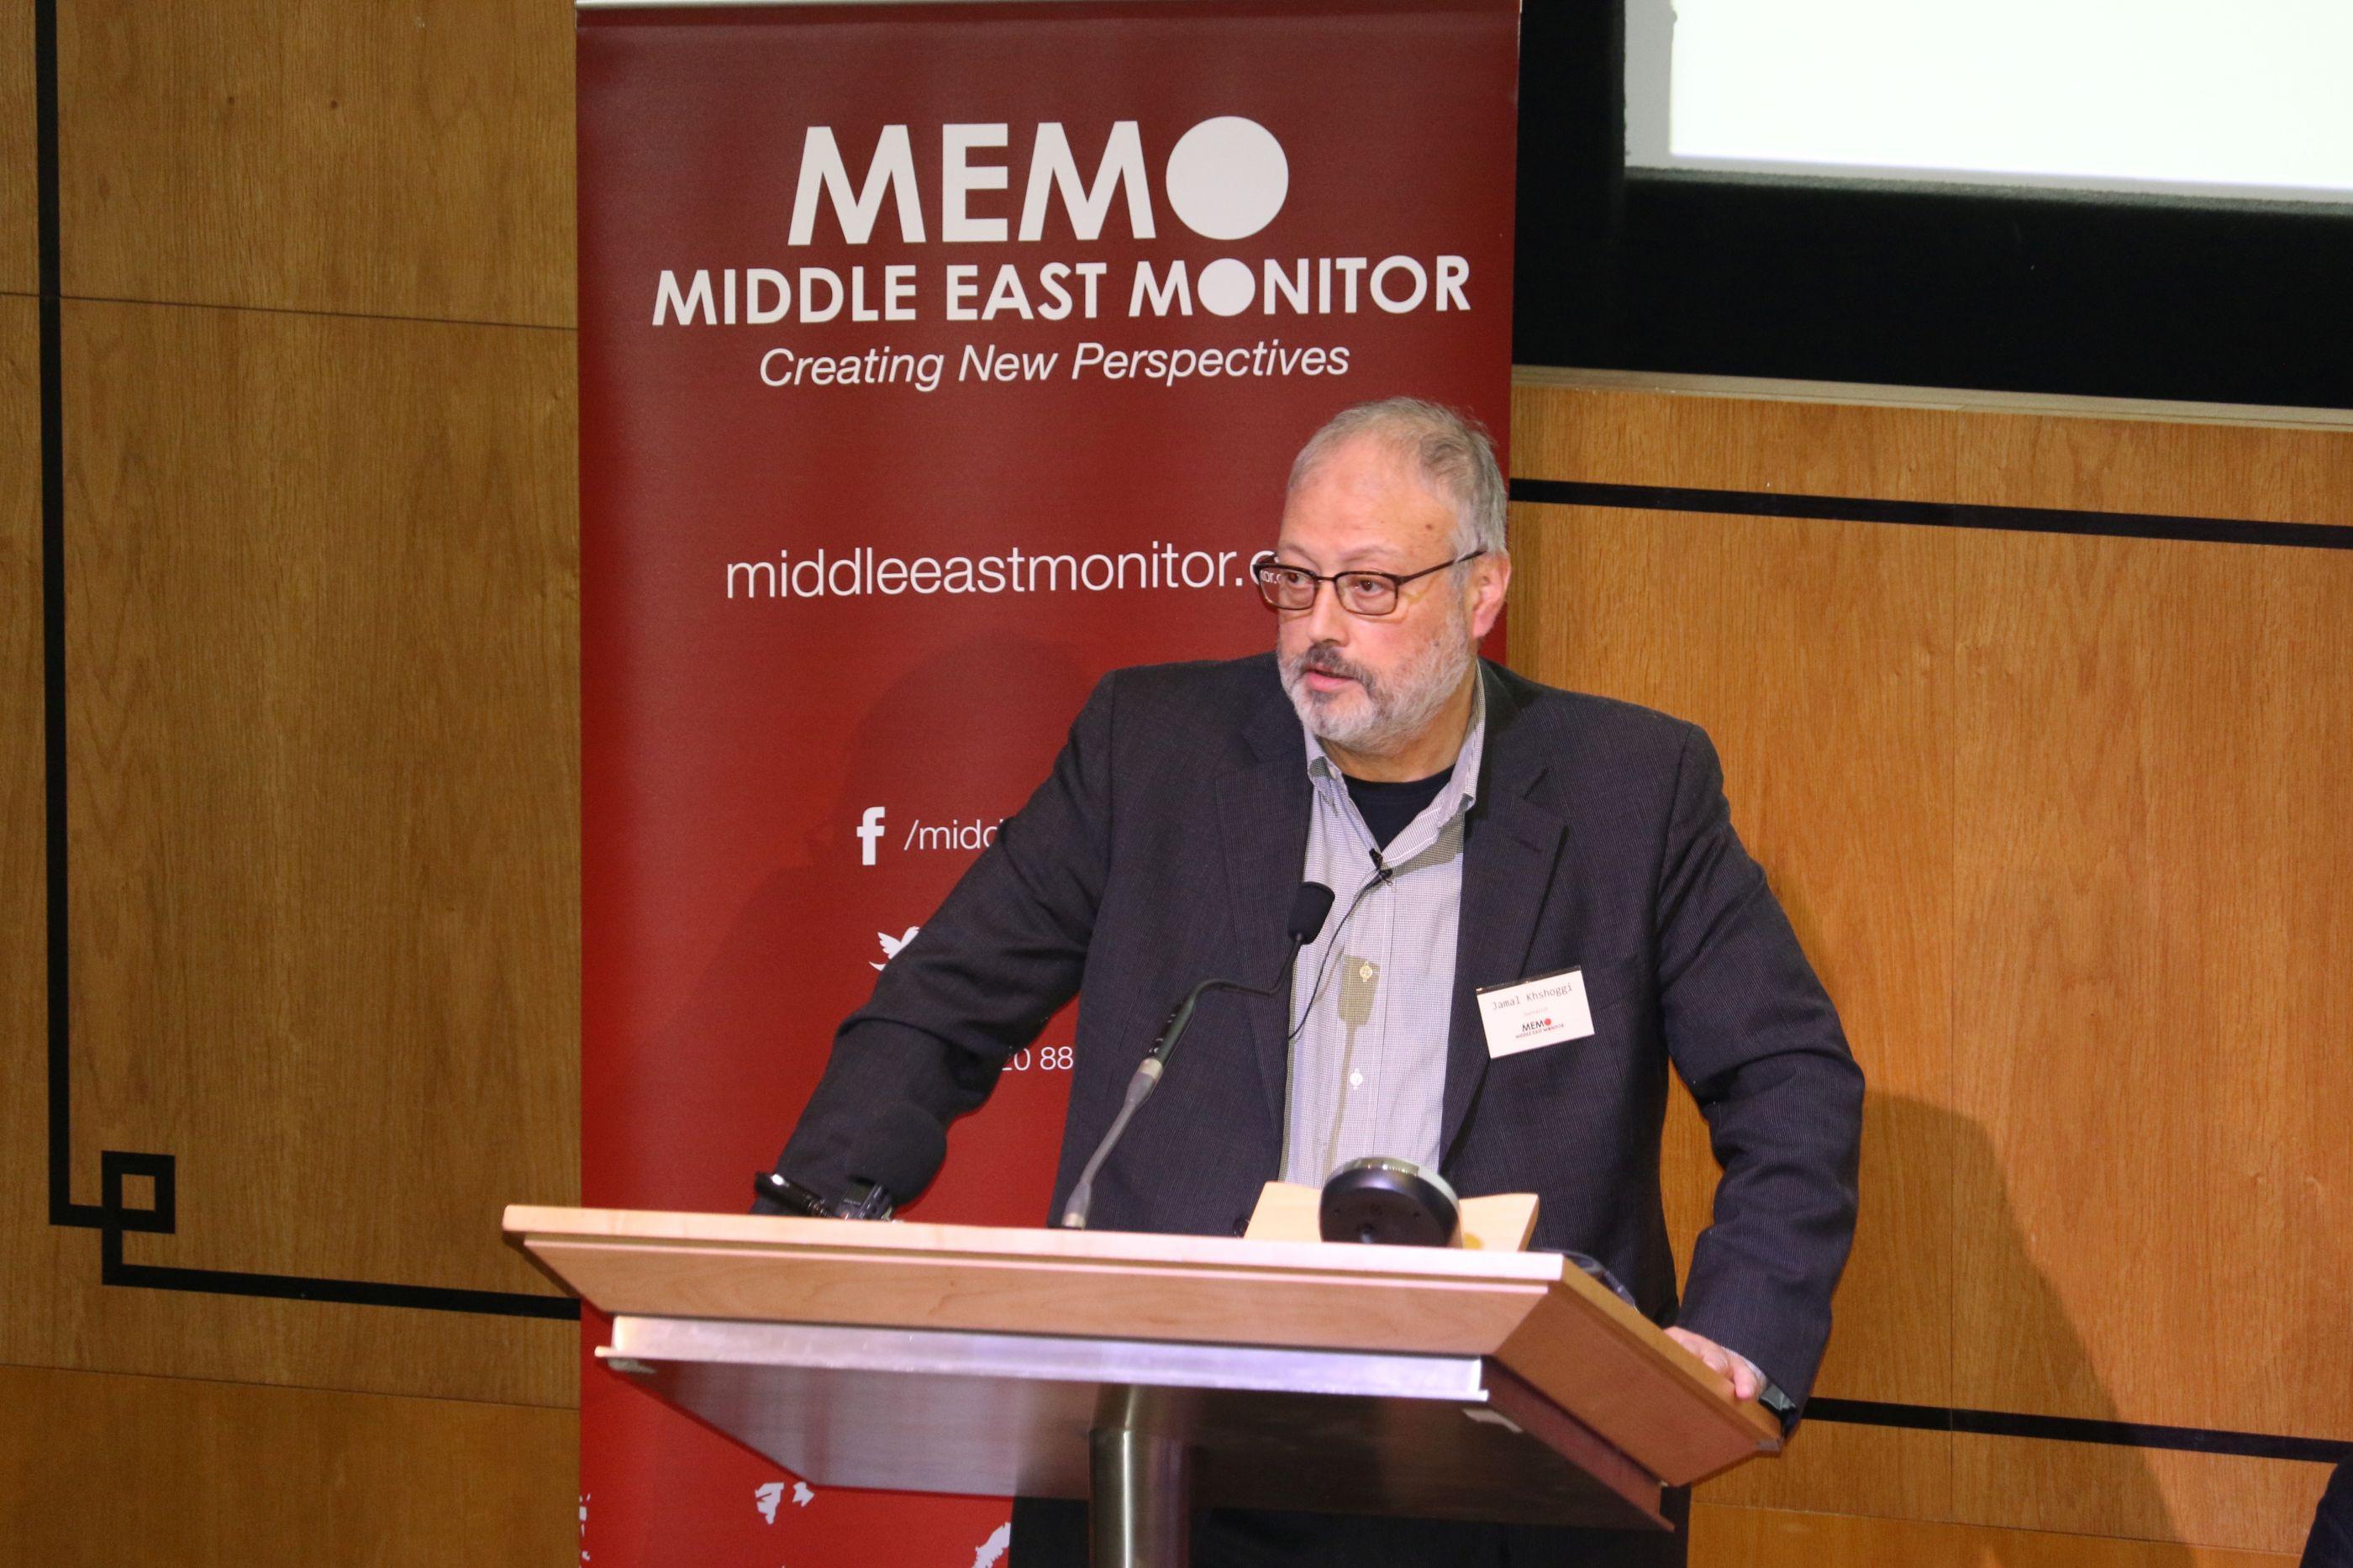 Investigação aponta para morte de Khashoggi devido a luta no consulado